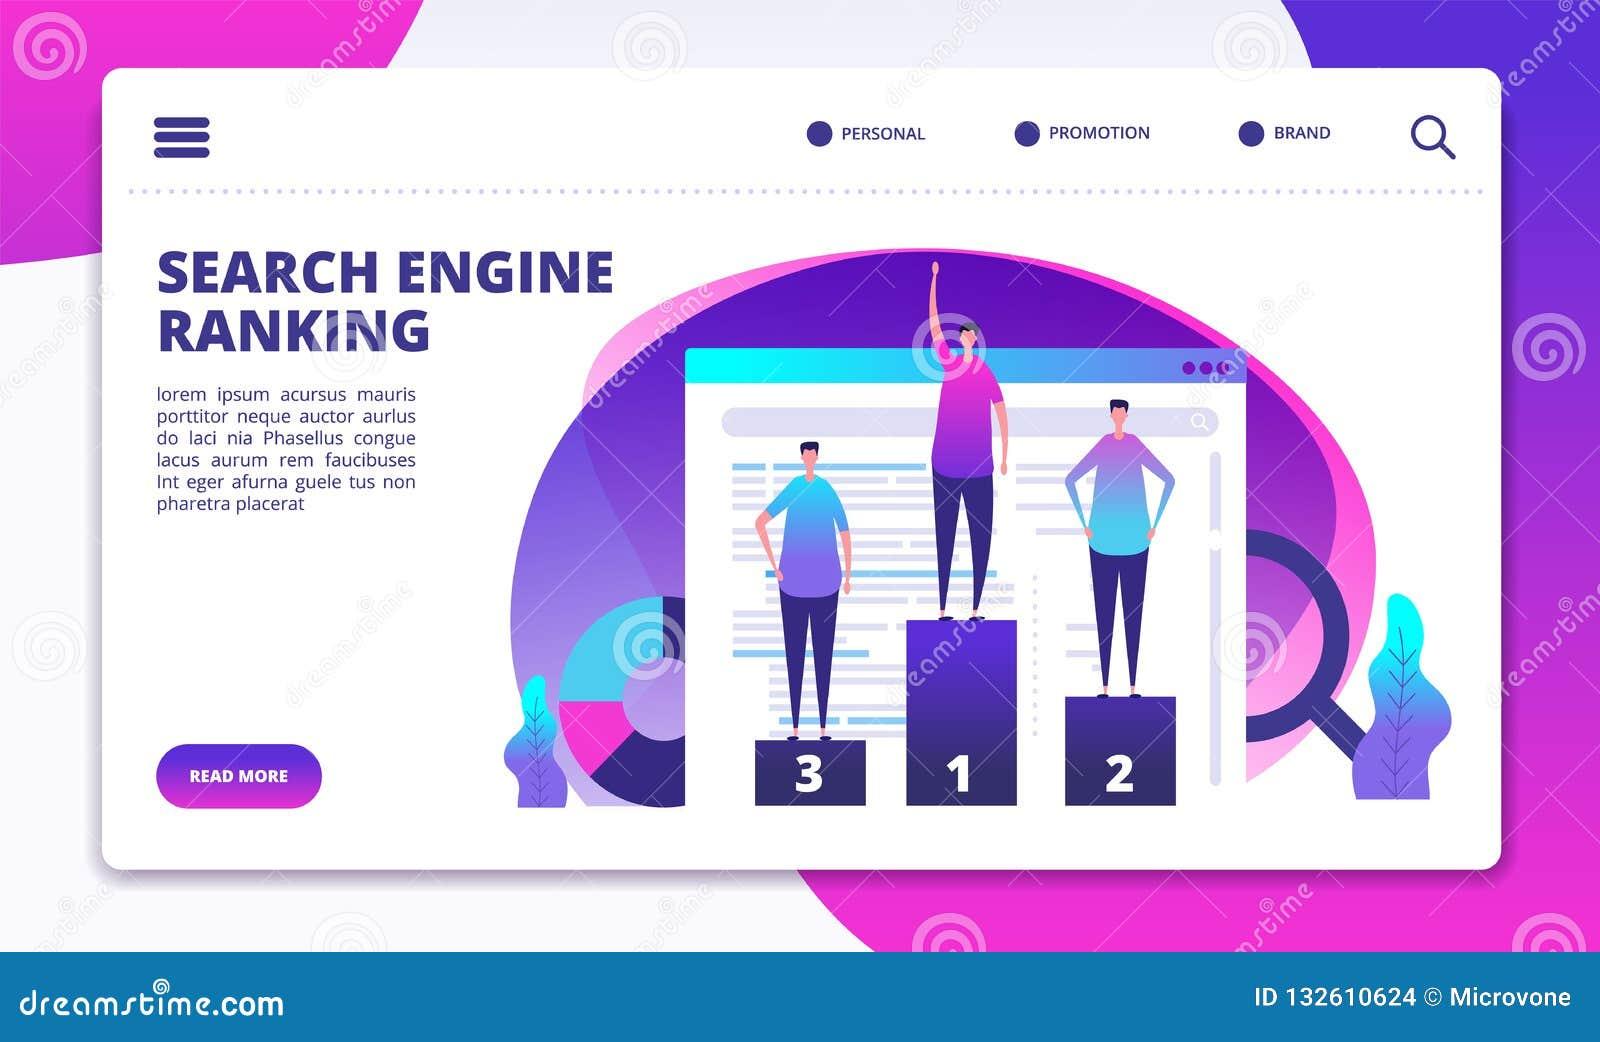 Ταξινόμηση μηχανών αναζήτησης Εμπορική στρατηγική Seo και βελτιστοποίηση ιστοχώρου Σε απευθείας σύνδεση επιχείρηση επιτυχίας που